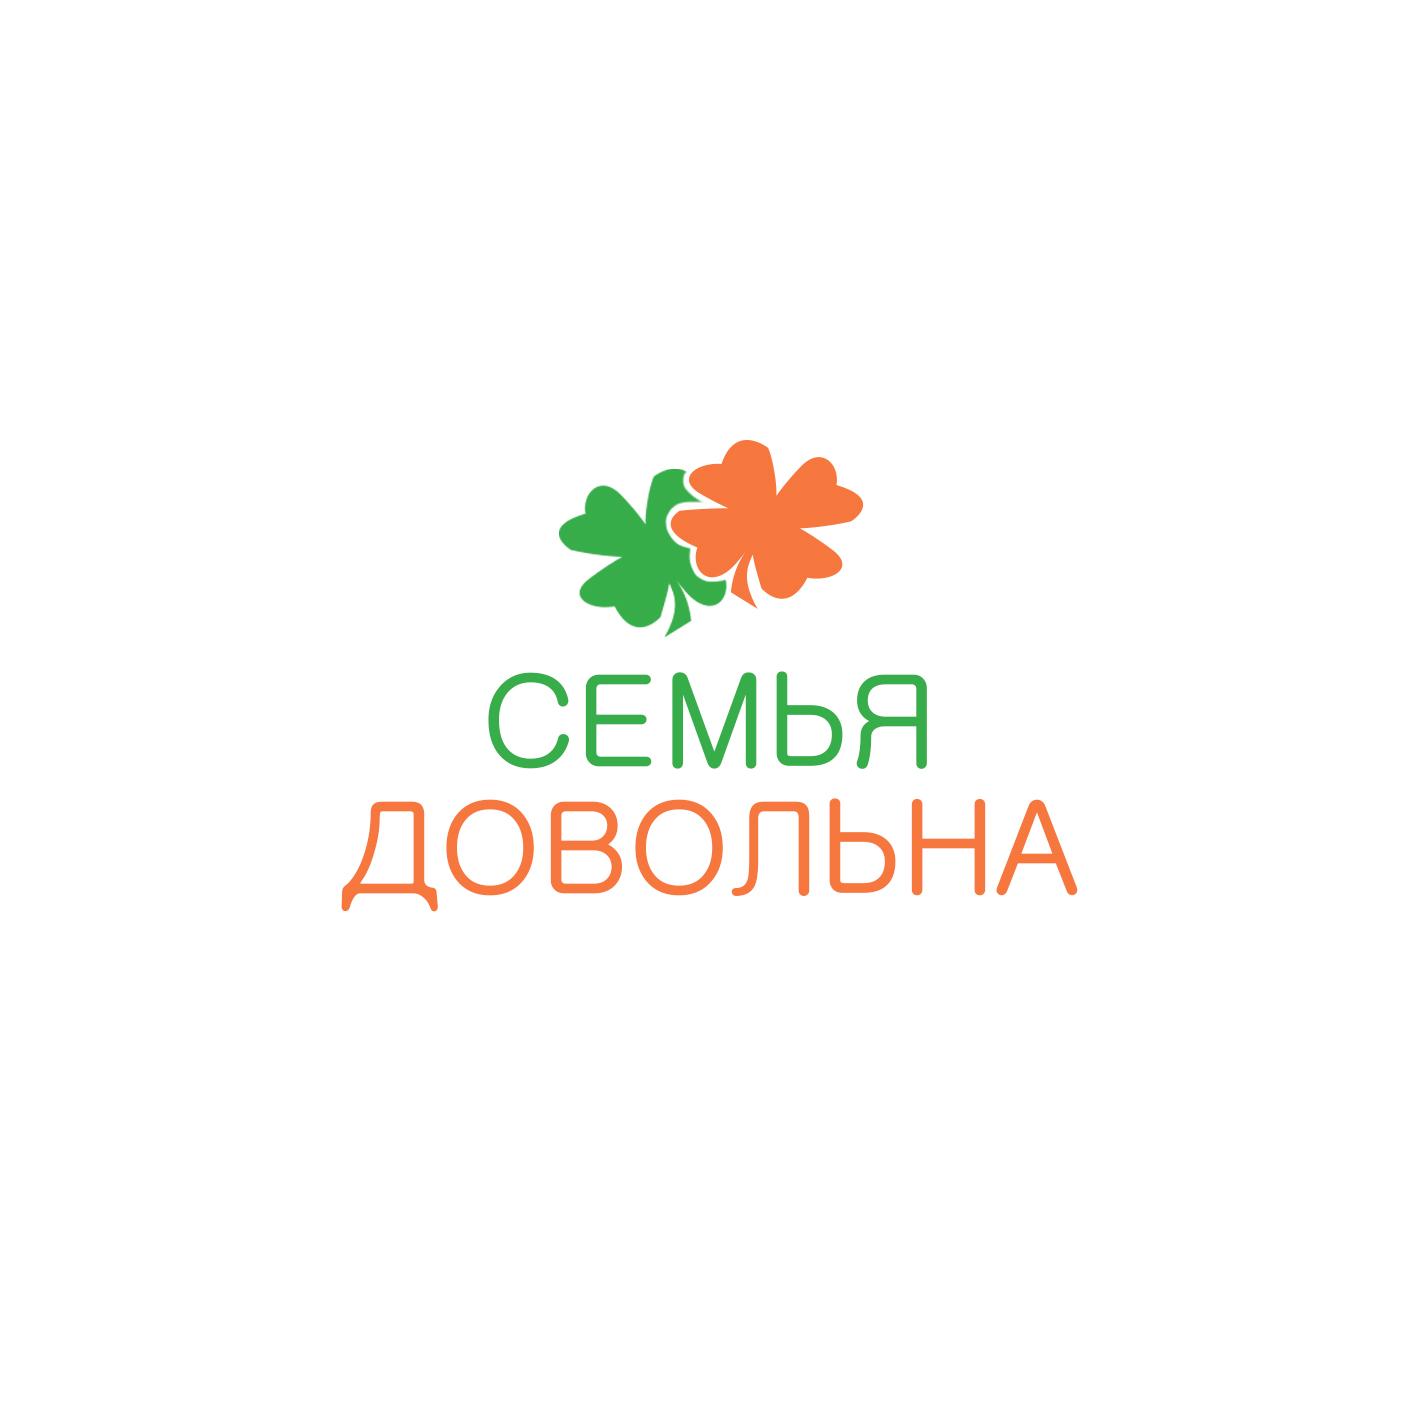 """Разработайте логотип для торговой марки """"Семья довольна"""" фото f_2755b9a7715486fd.jpg"""